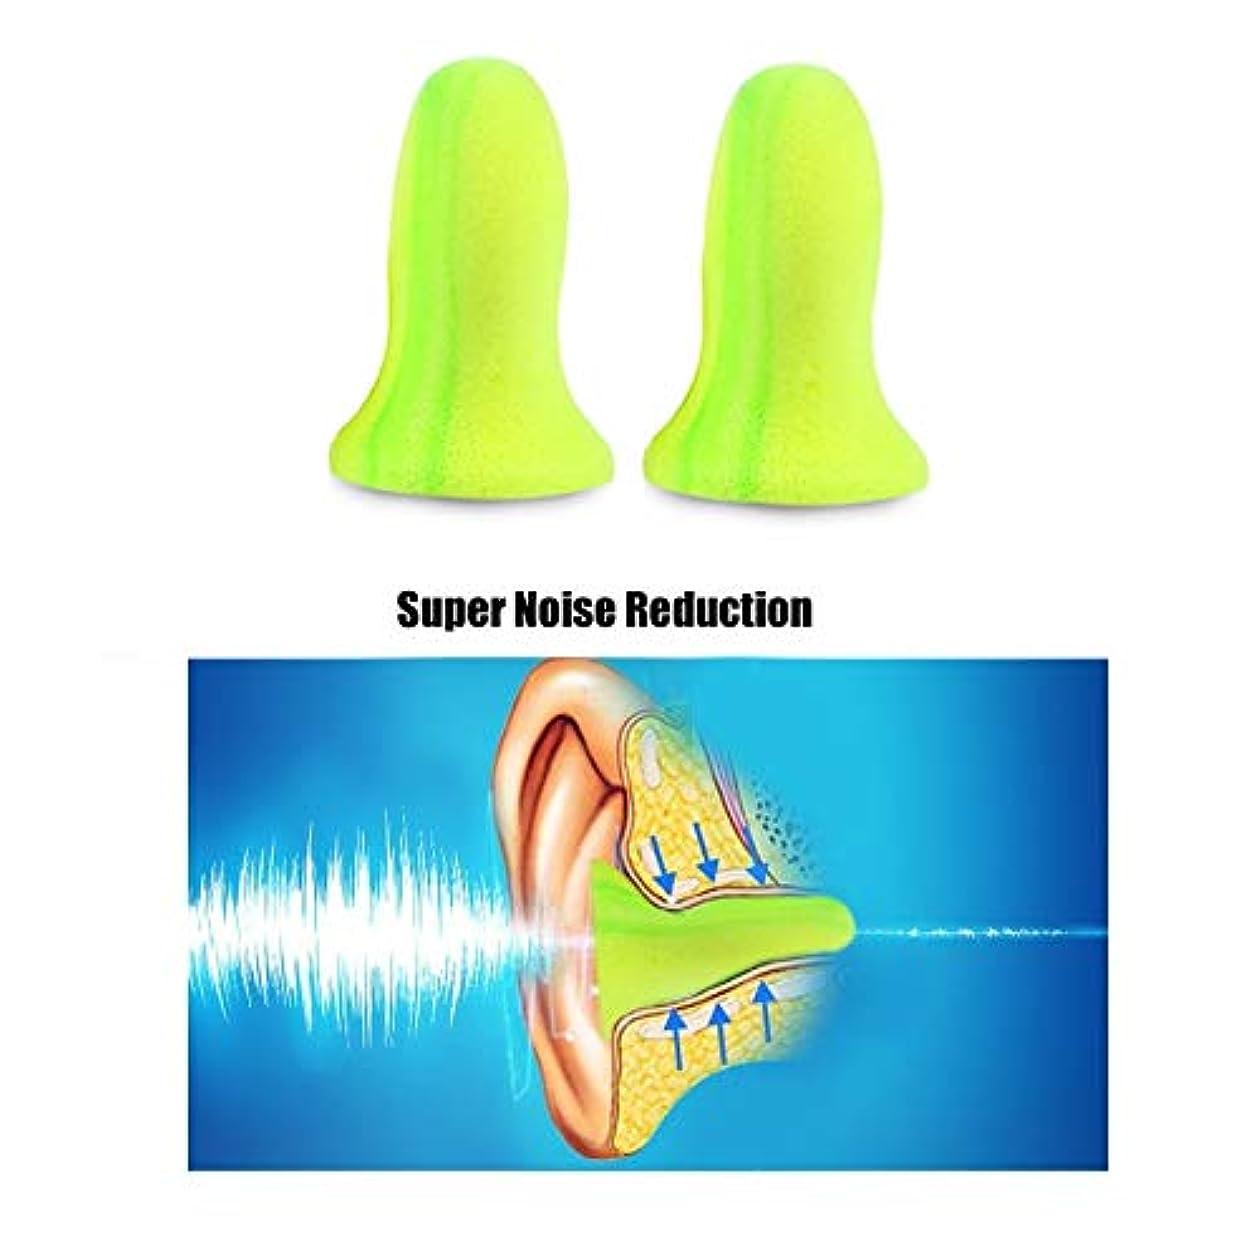 威する好奇心依存NOTE 2ピース/ボックス高品質ソフト泡耳栓旅行睡眠ノイズ防止耳栓ノイズリダクションアクセサリー滑りやすいツール